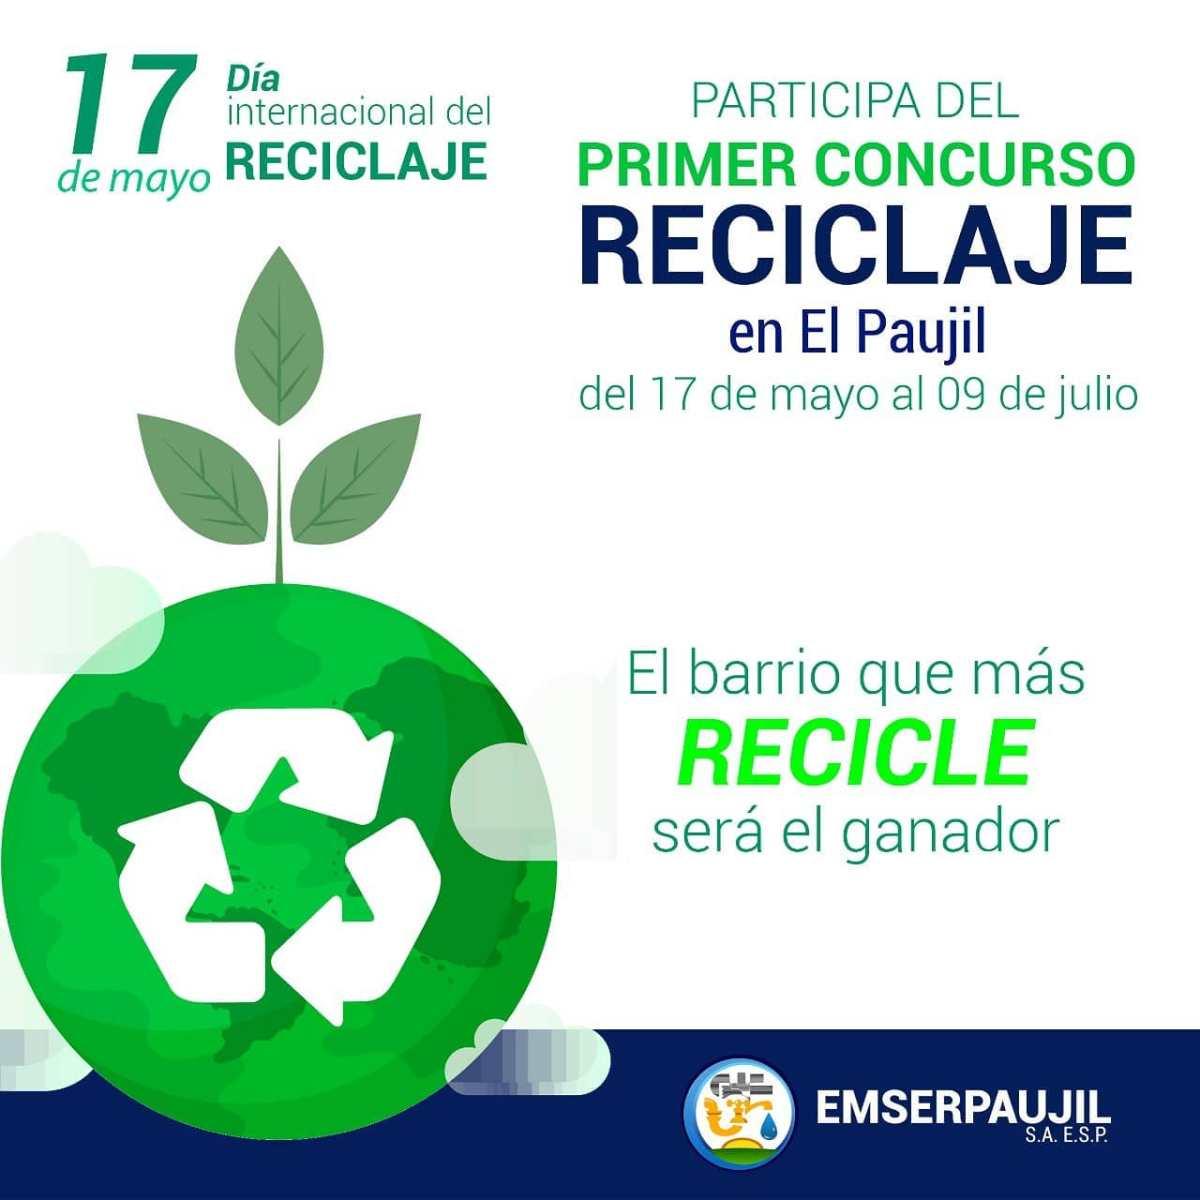 Primer concurso de Reciclaje en El Paujil Caquetá